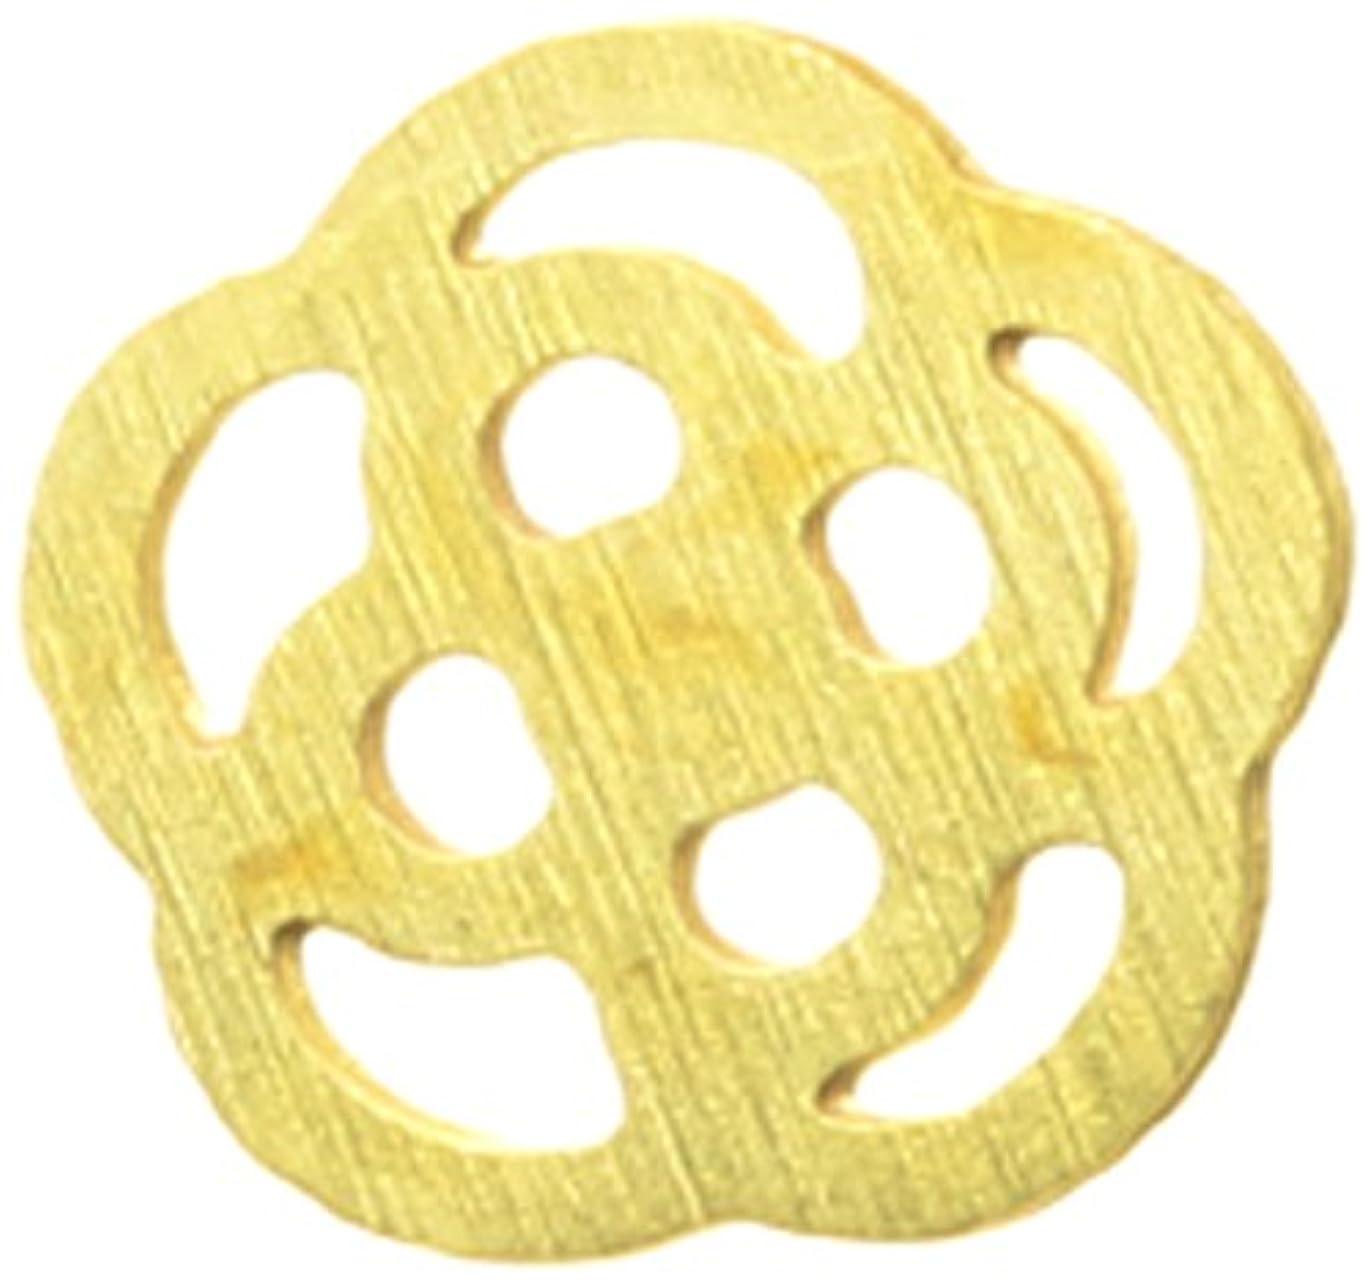 許されるスケート超高層ビルメタルプレート(ネイルストーン デコ) カメリア(30個入り) ゴールド(ネイル用品)